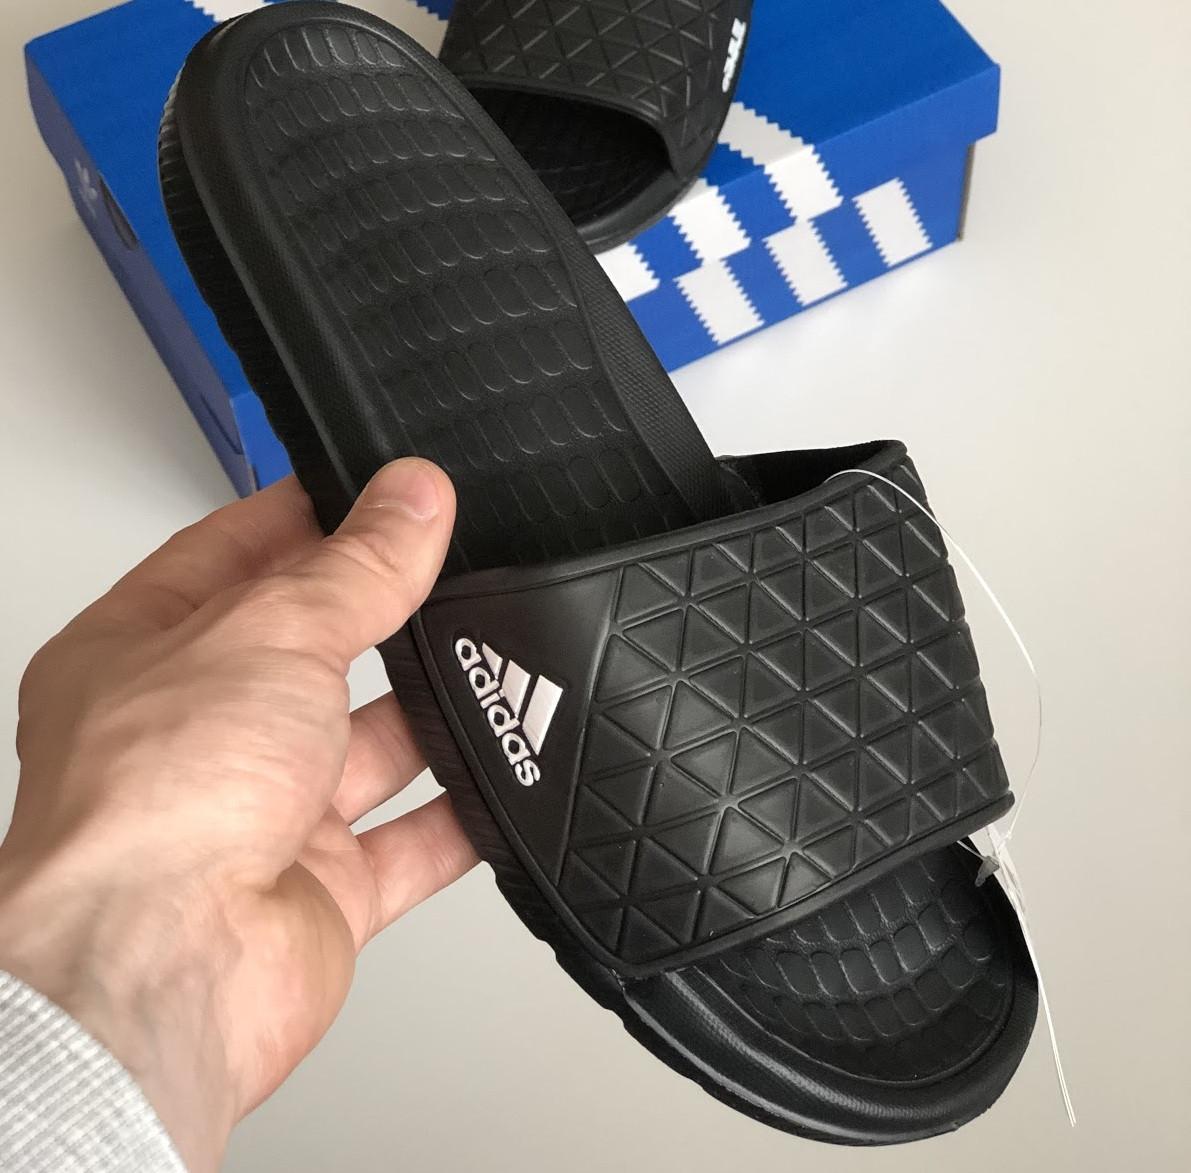 Мужские шлепанцы Adidas летние низкие шлепки черные с белым лого. Живое фото. Реплика